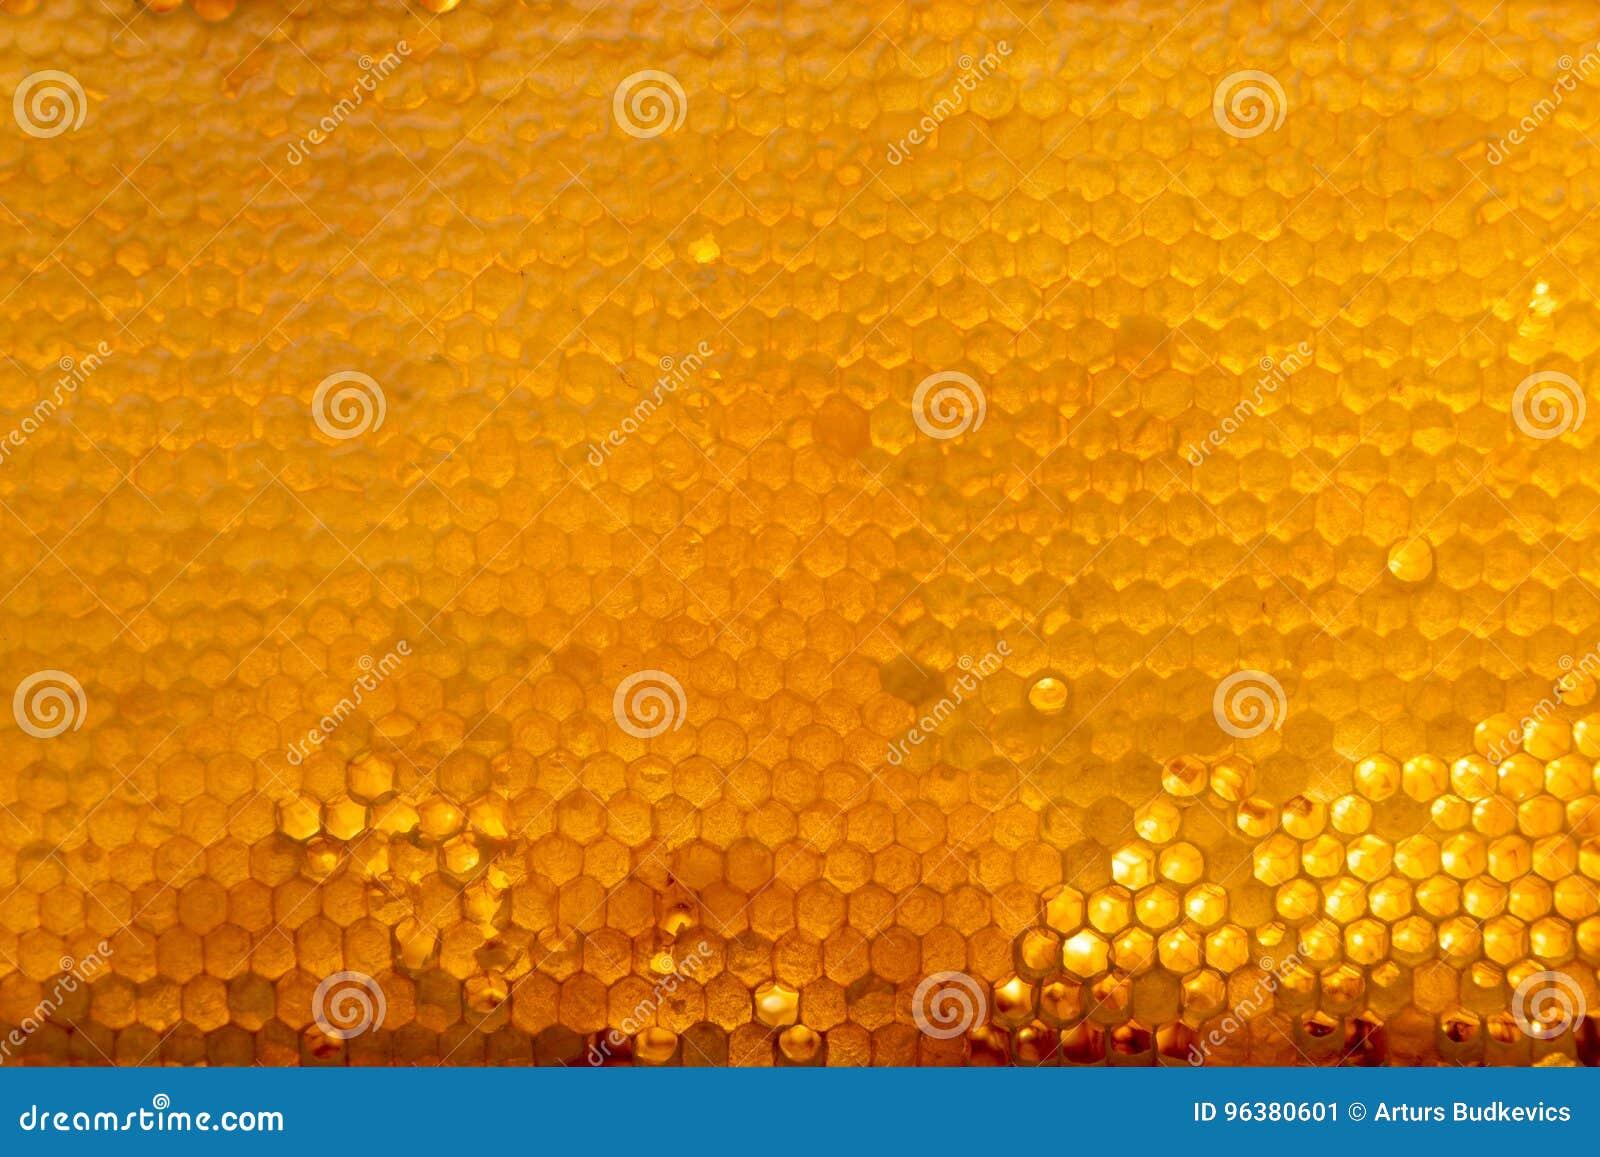 La texture de fond et le modèle d une section de nid d abeilles de cire d une ruche d abeille ont rempli du miel d or